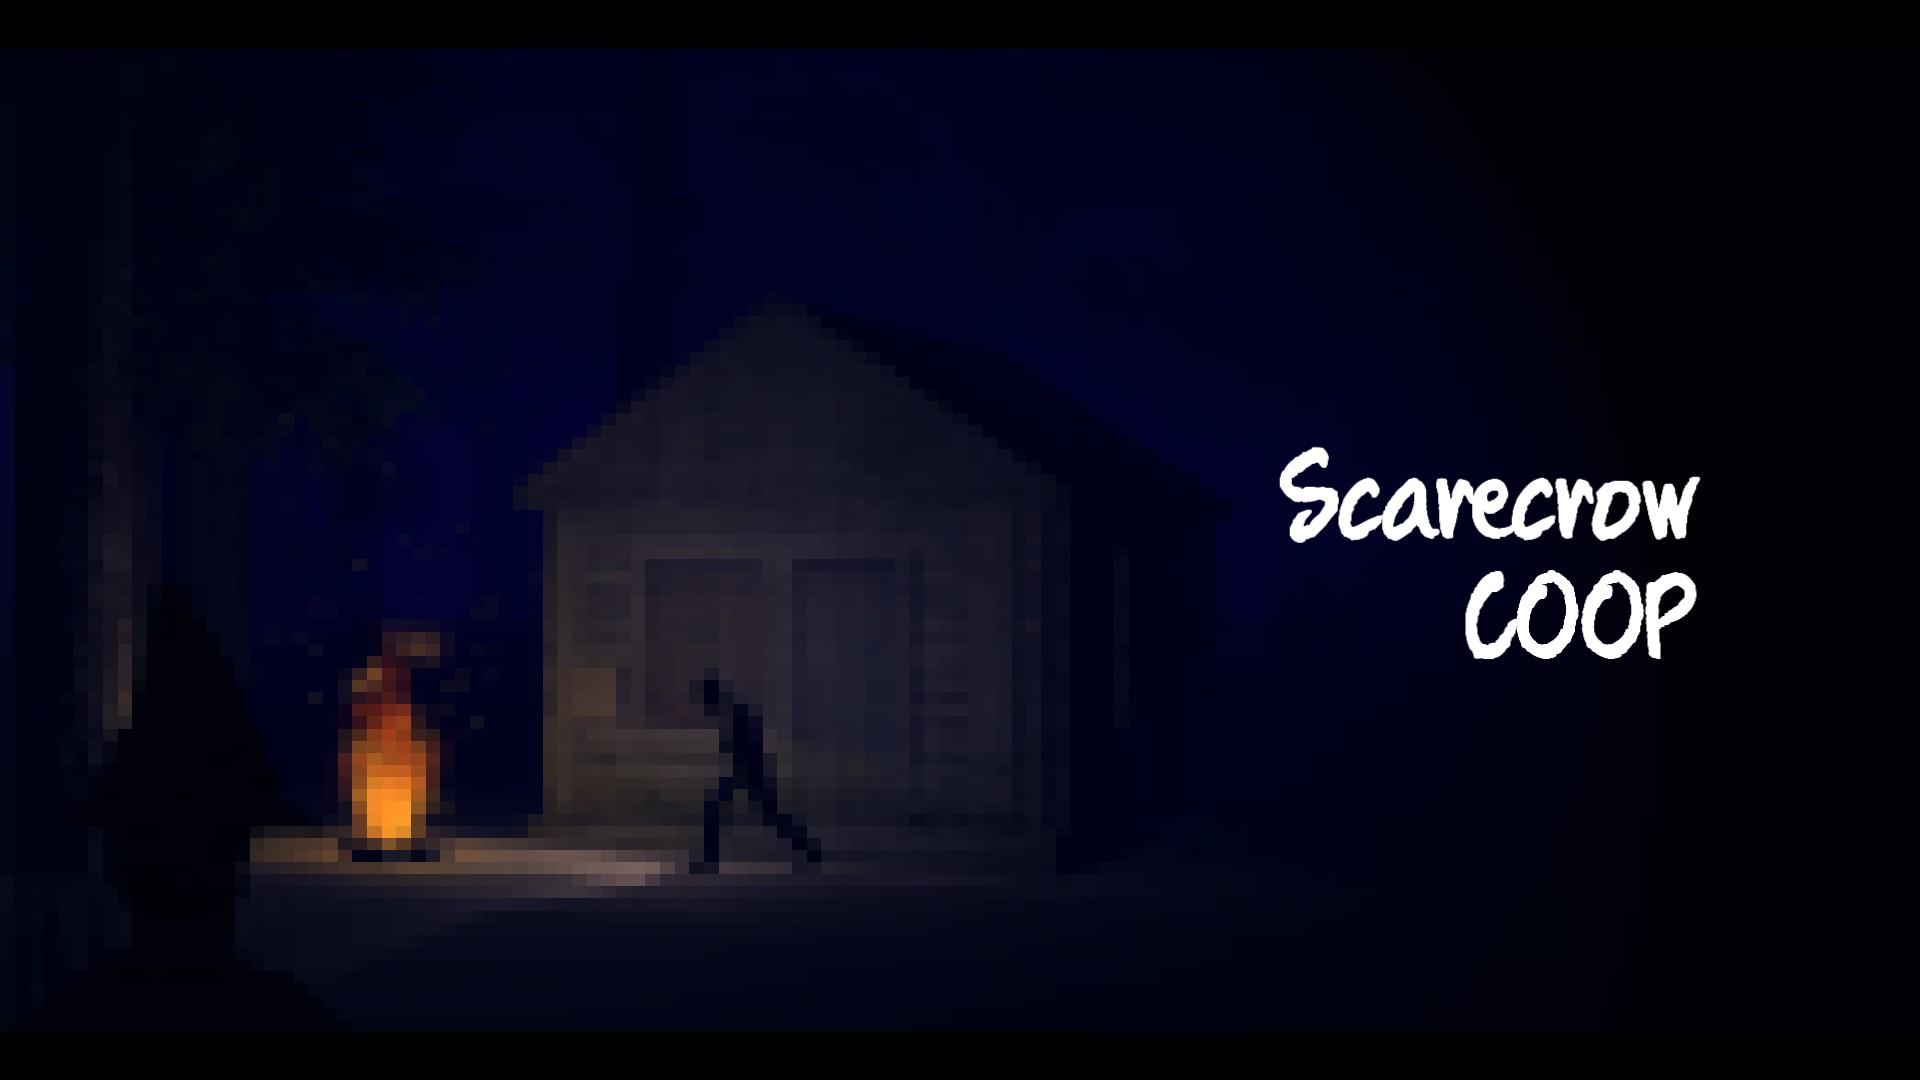 Scarecrow COOP